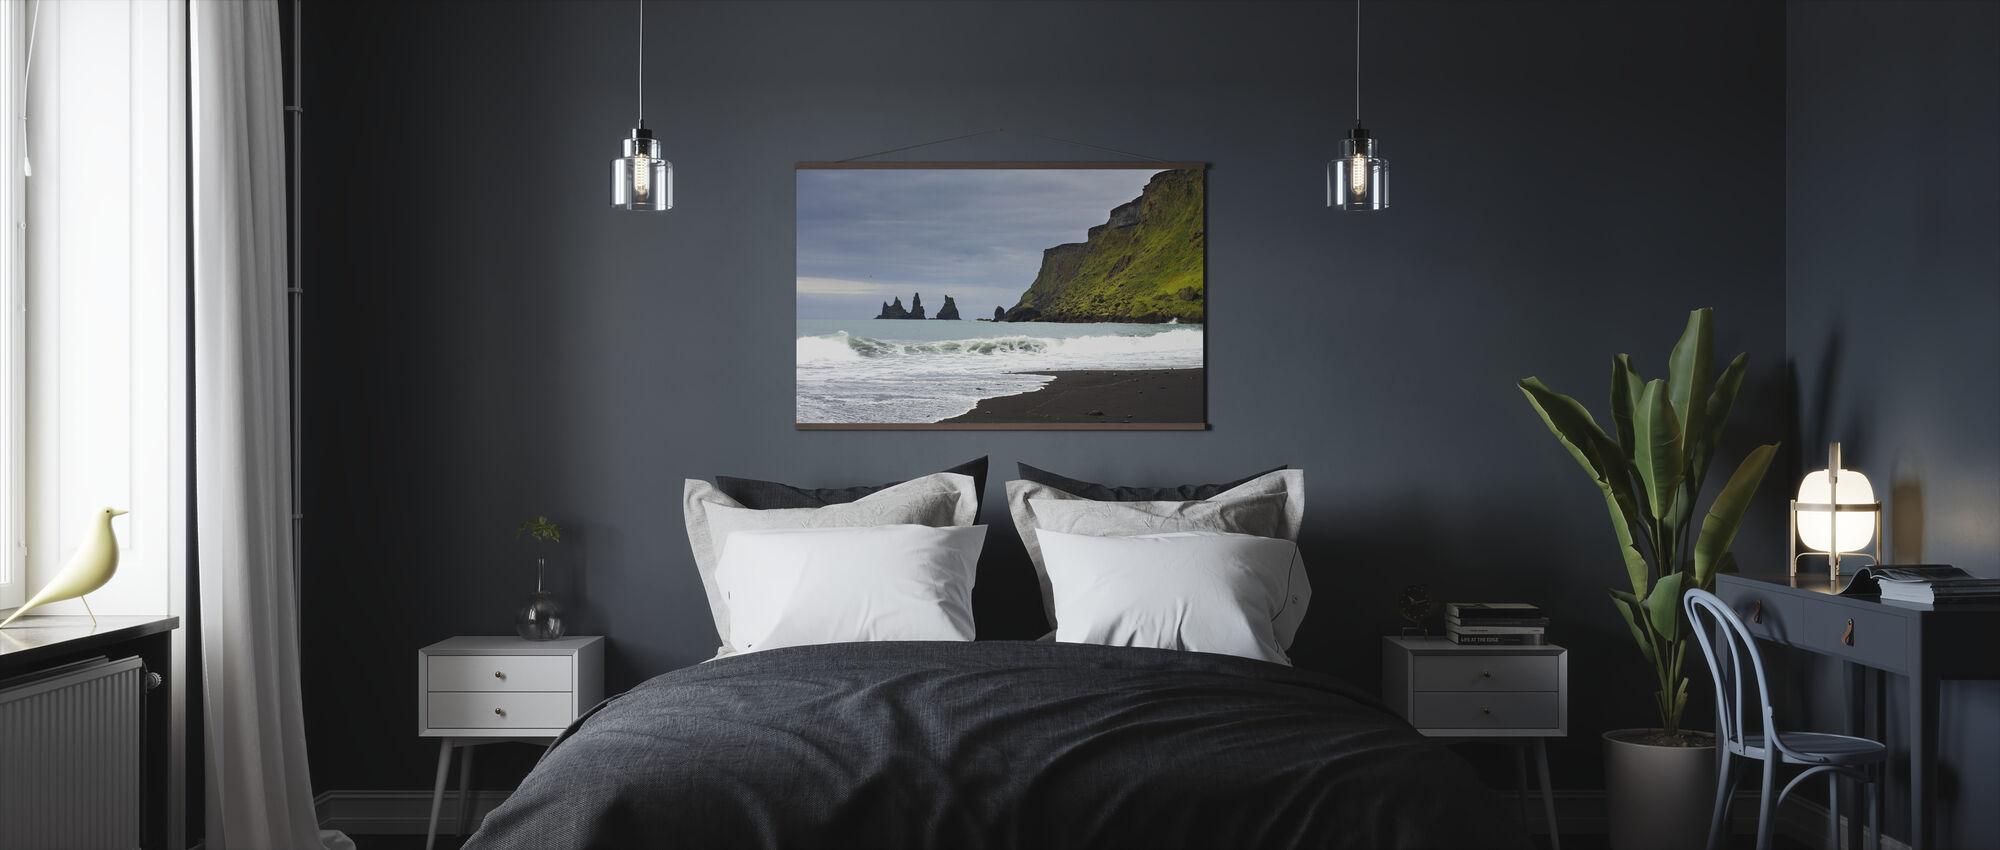 Zwart zand van IJsland - Poster - Slaapkamer